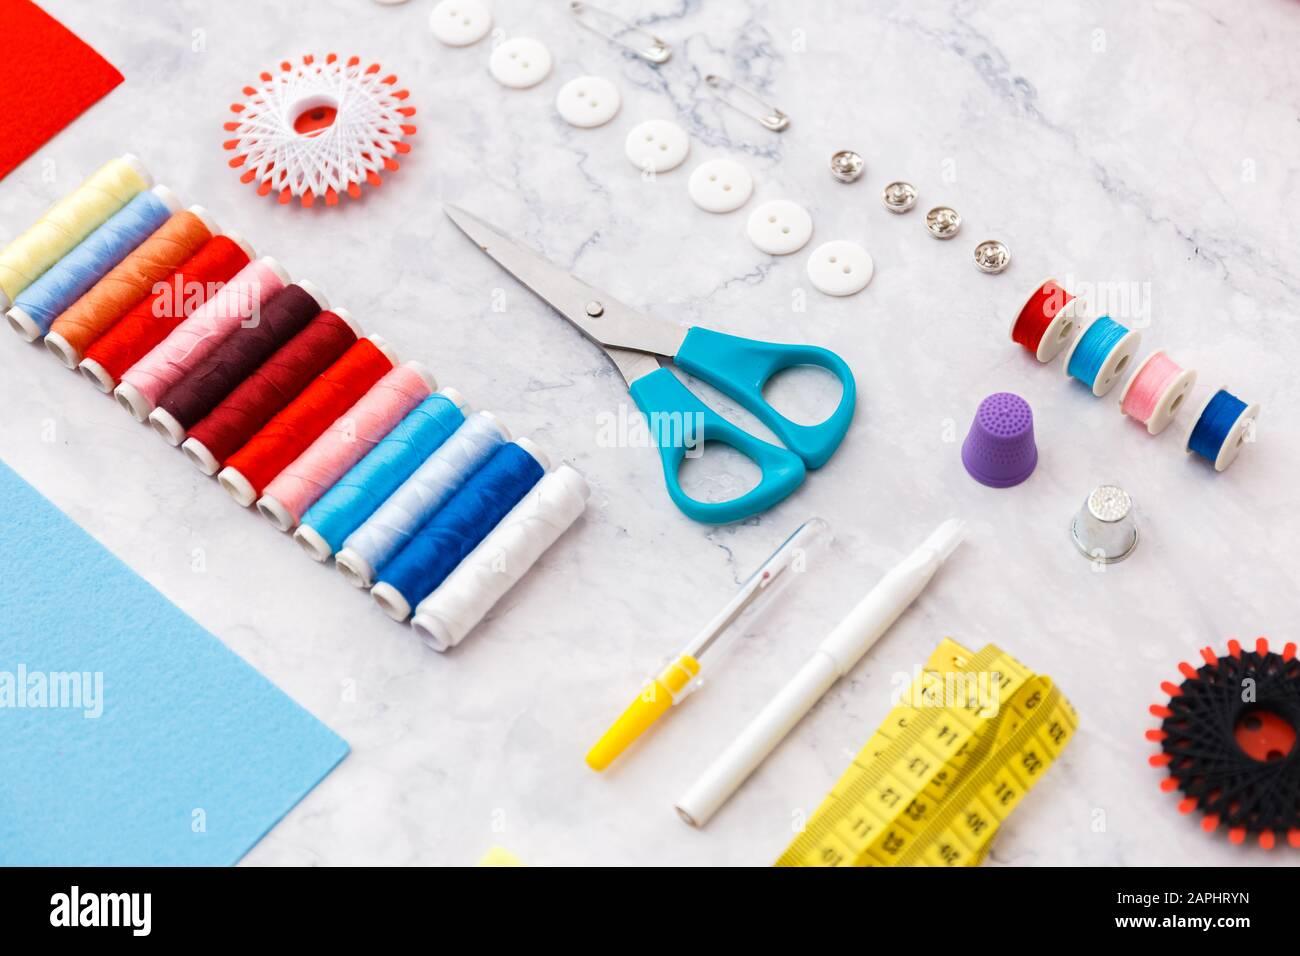 herramientas de costura y sastring coloridas y artículos sobre fondo claro Foto de stock